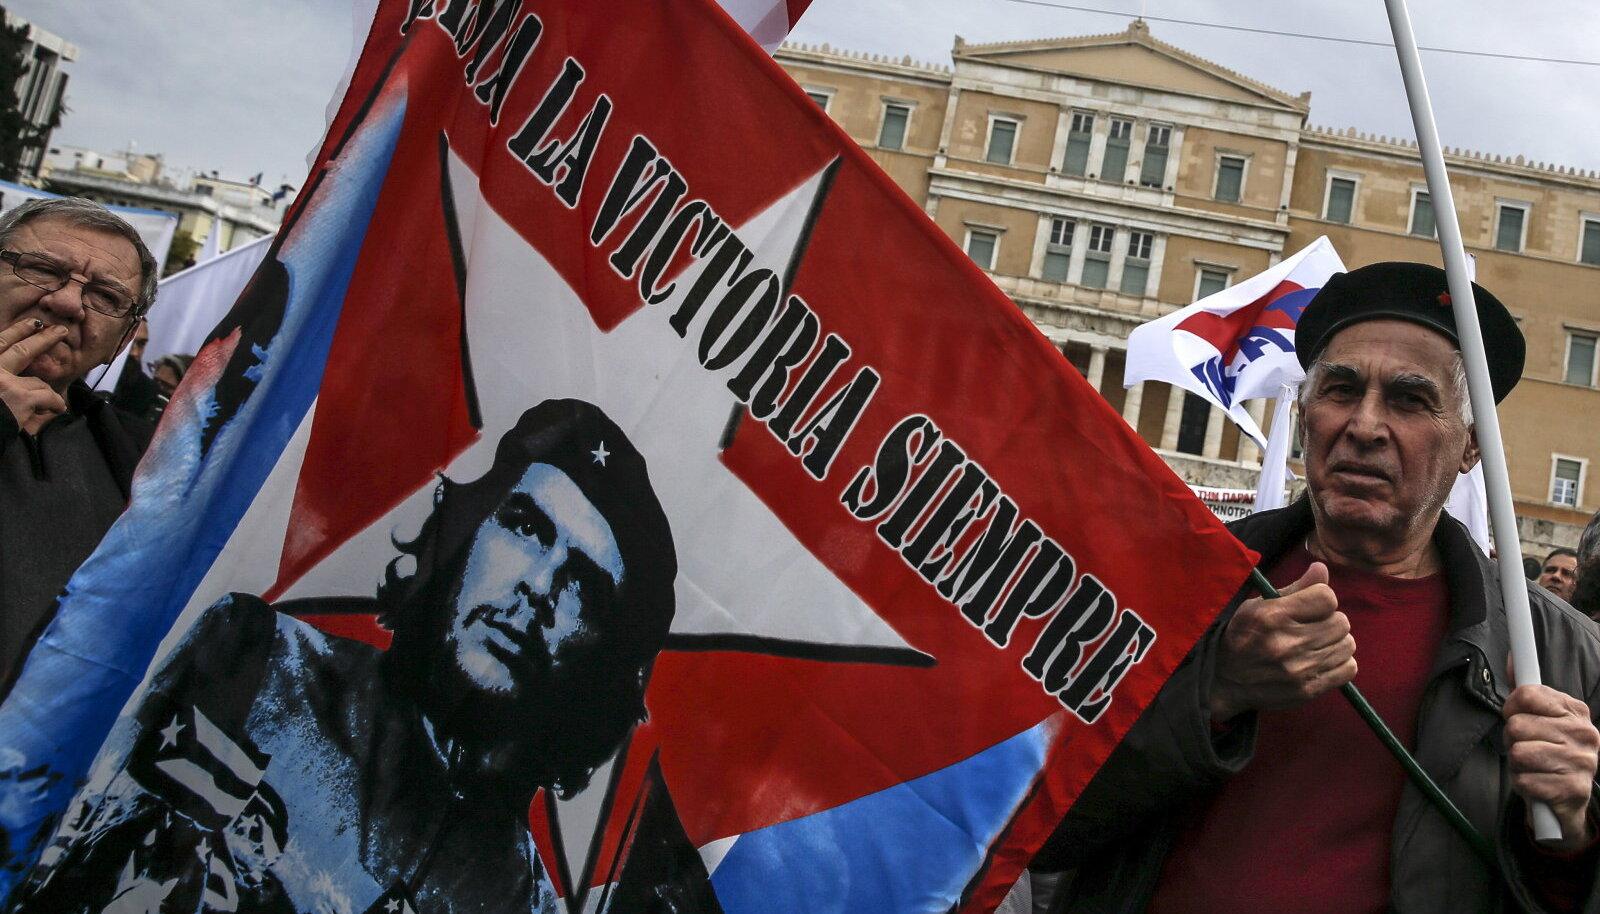 Kreeka kommunistide meeleavaldus Ateenas